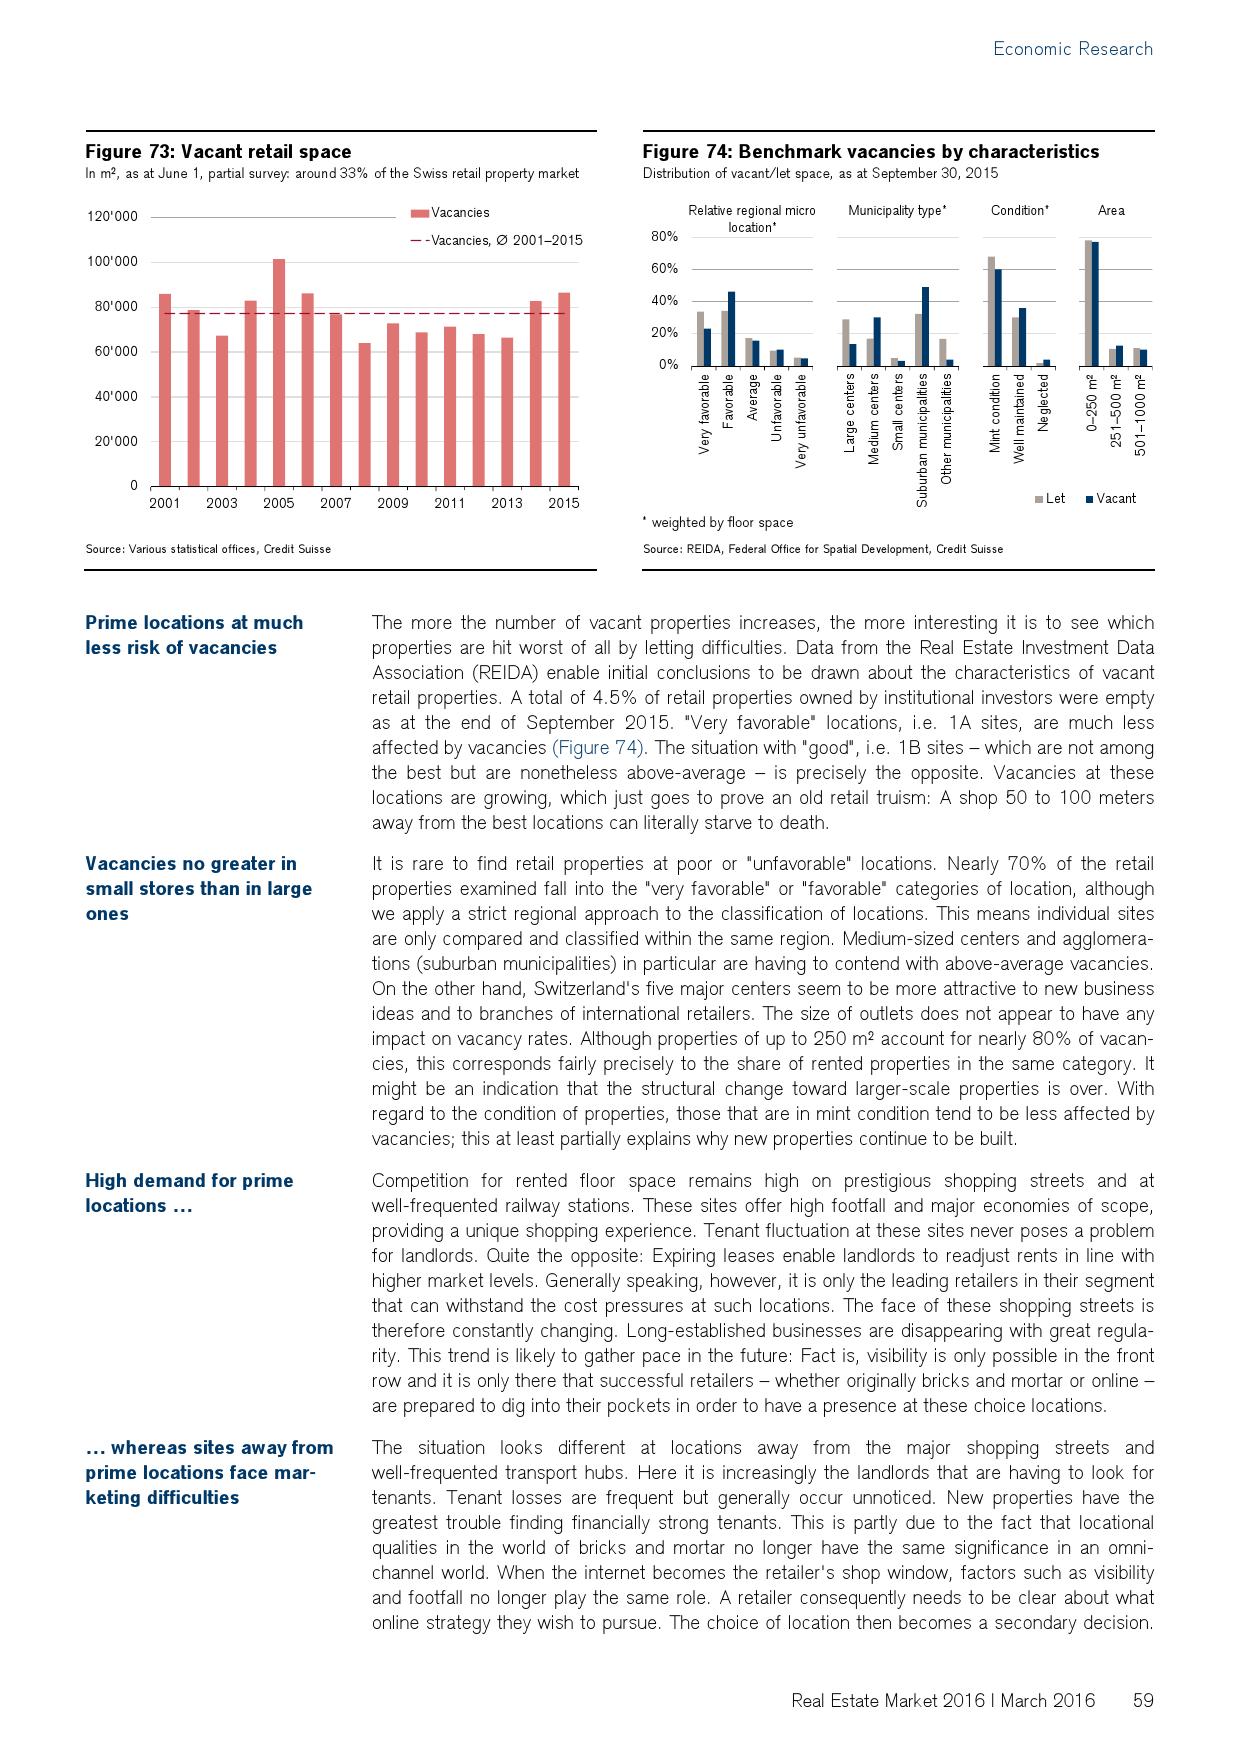 2016年瑞士房地产市场研究报告_000059